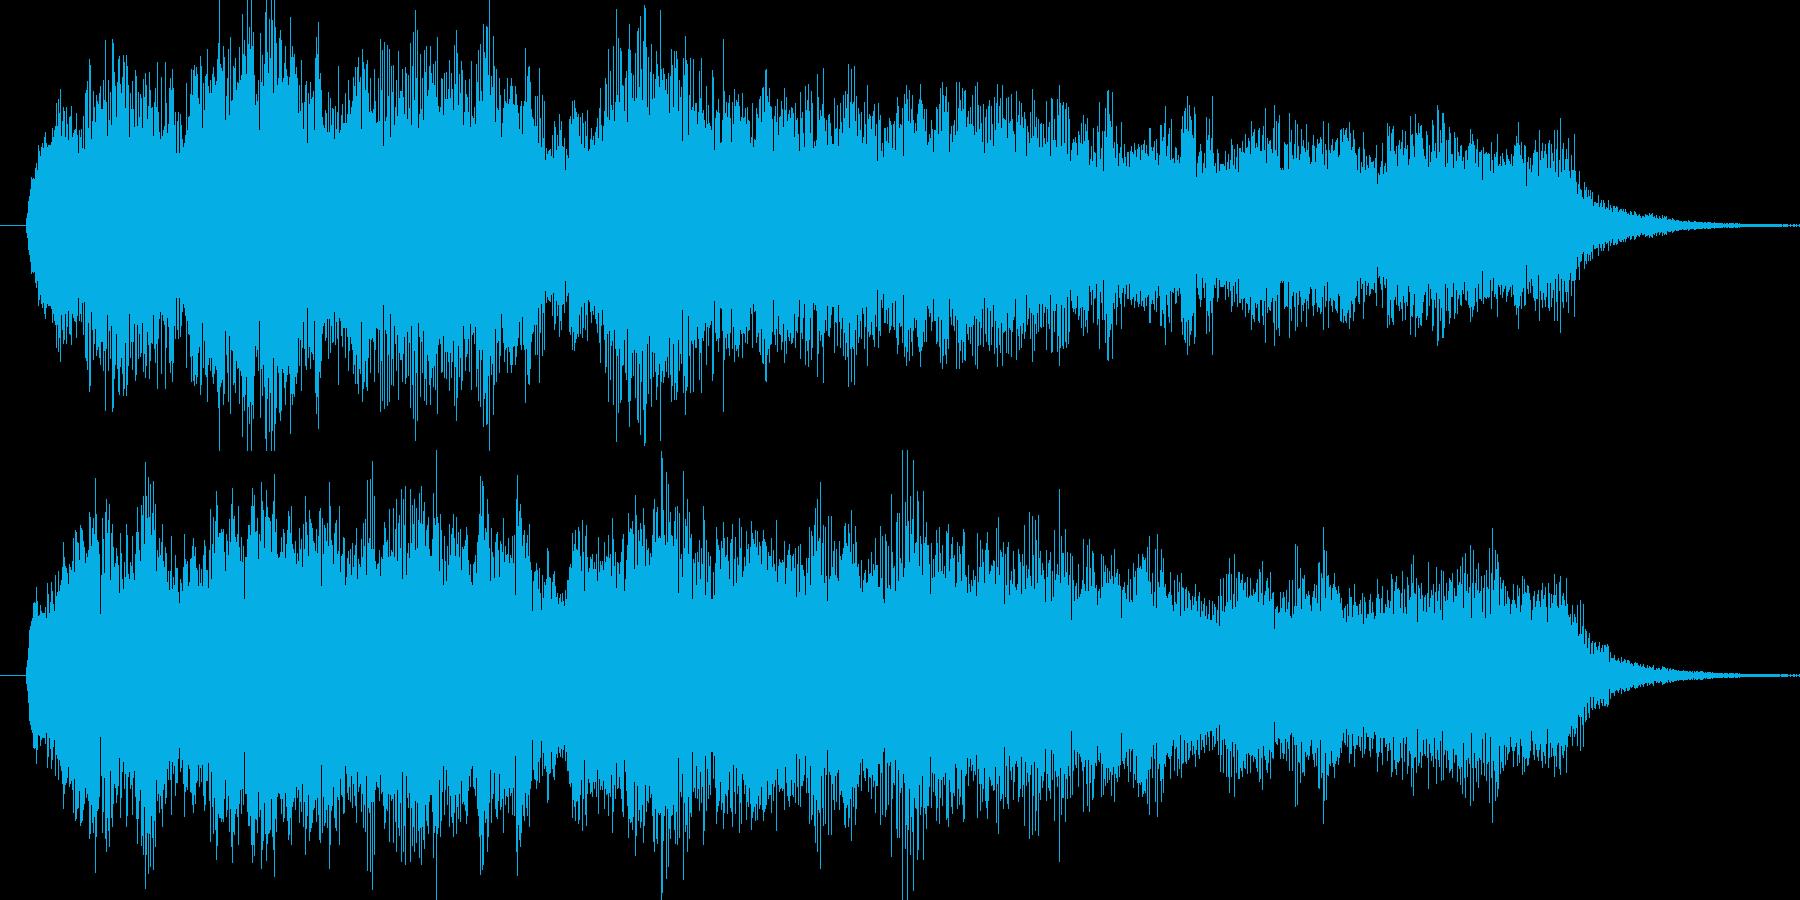 ジングル オーケストラ風 重厚の再生済みの波形